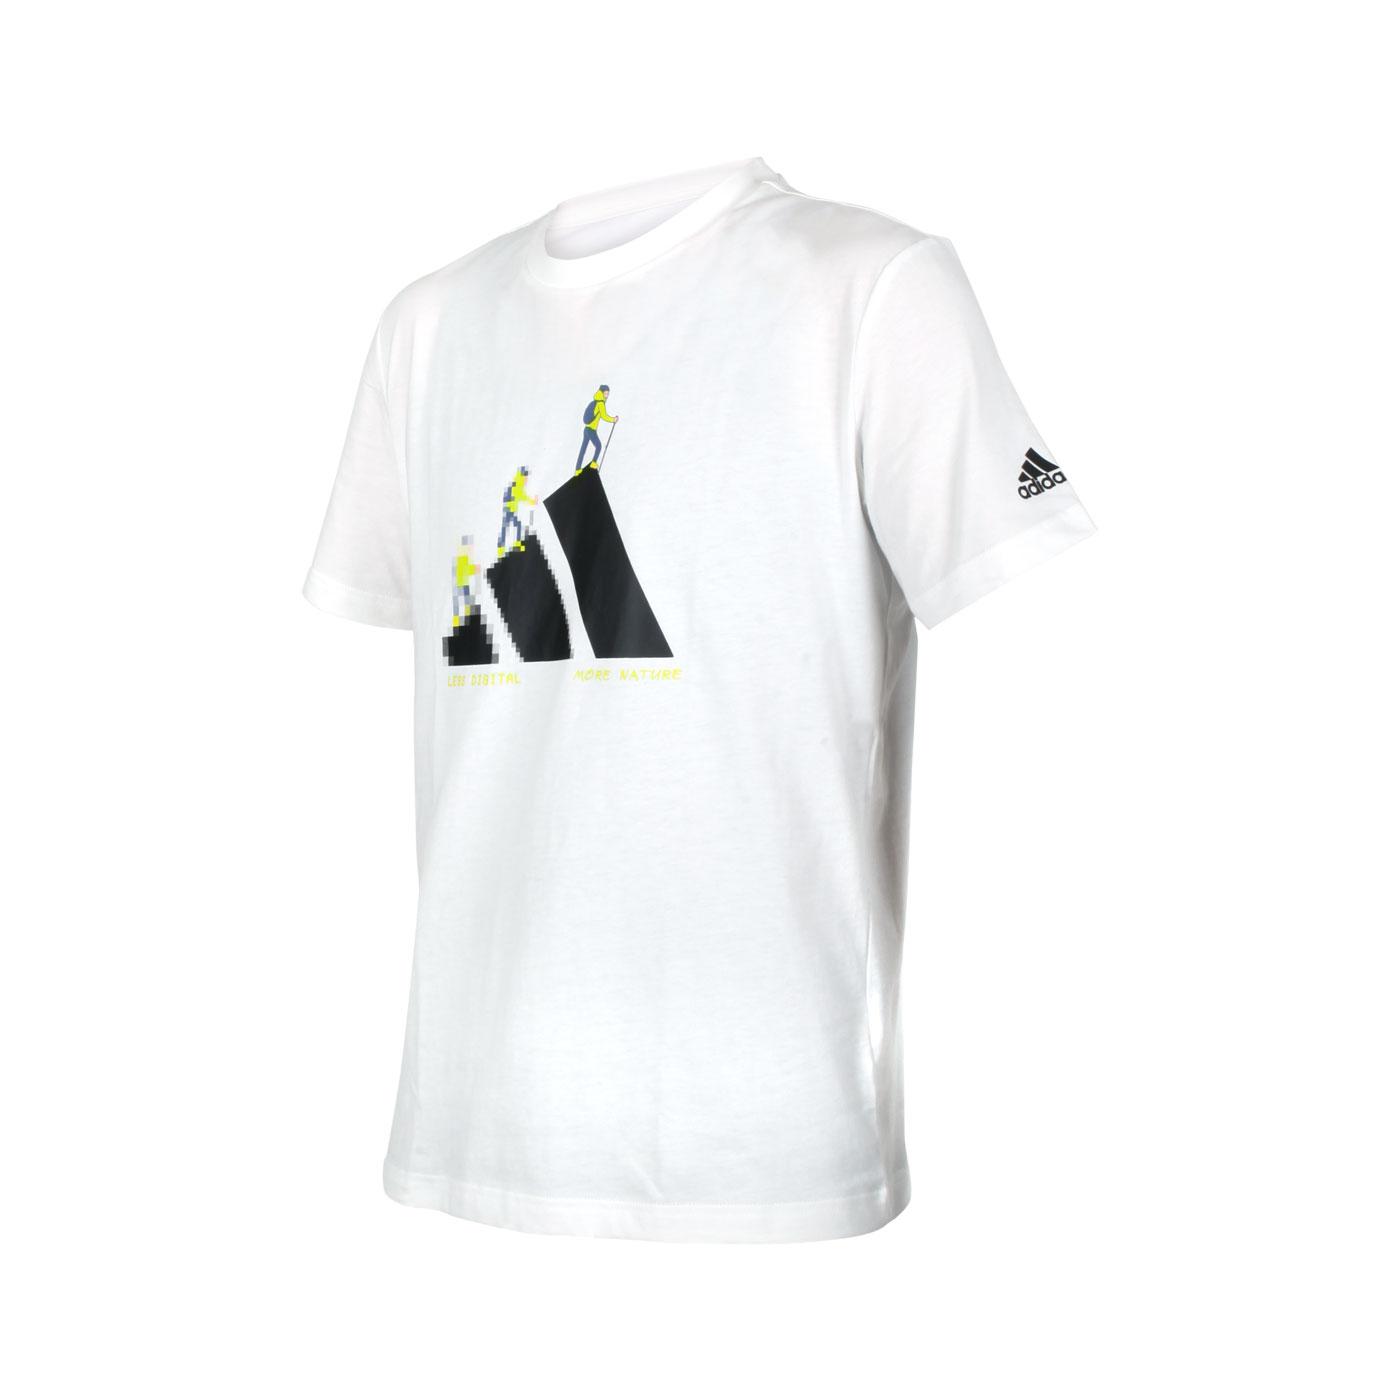 ADIDAS 男款短袖T恤 GN7321 - 白黑綠